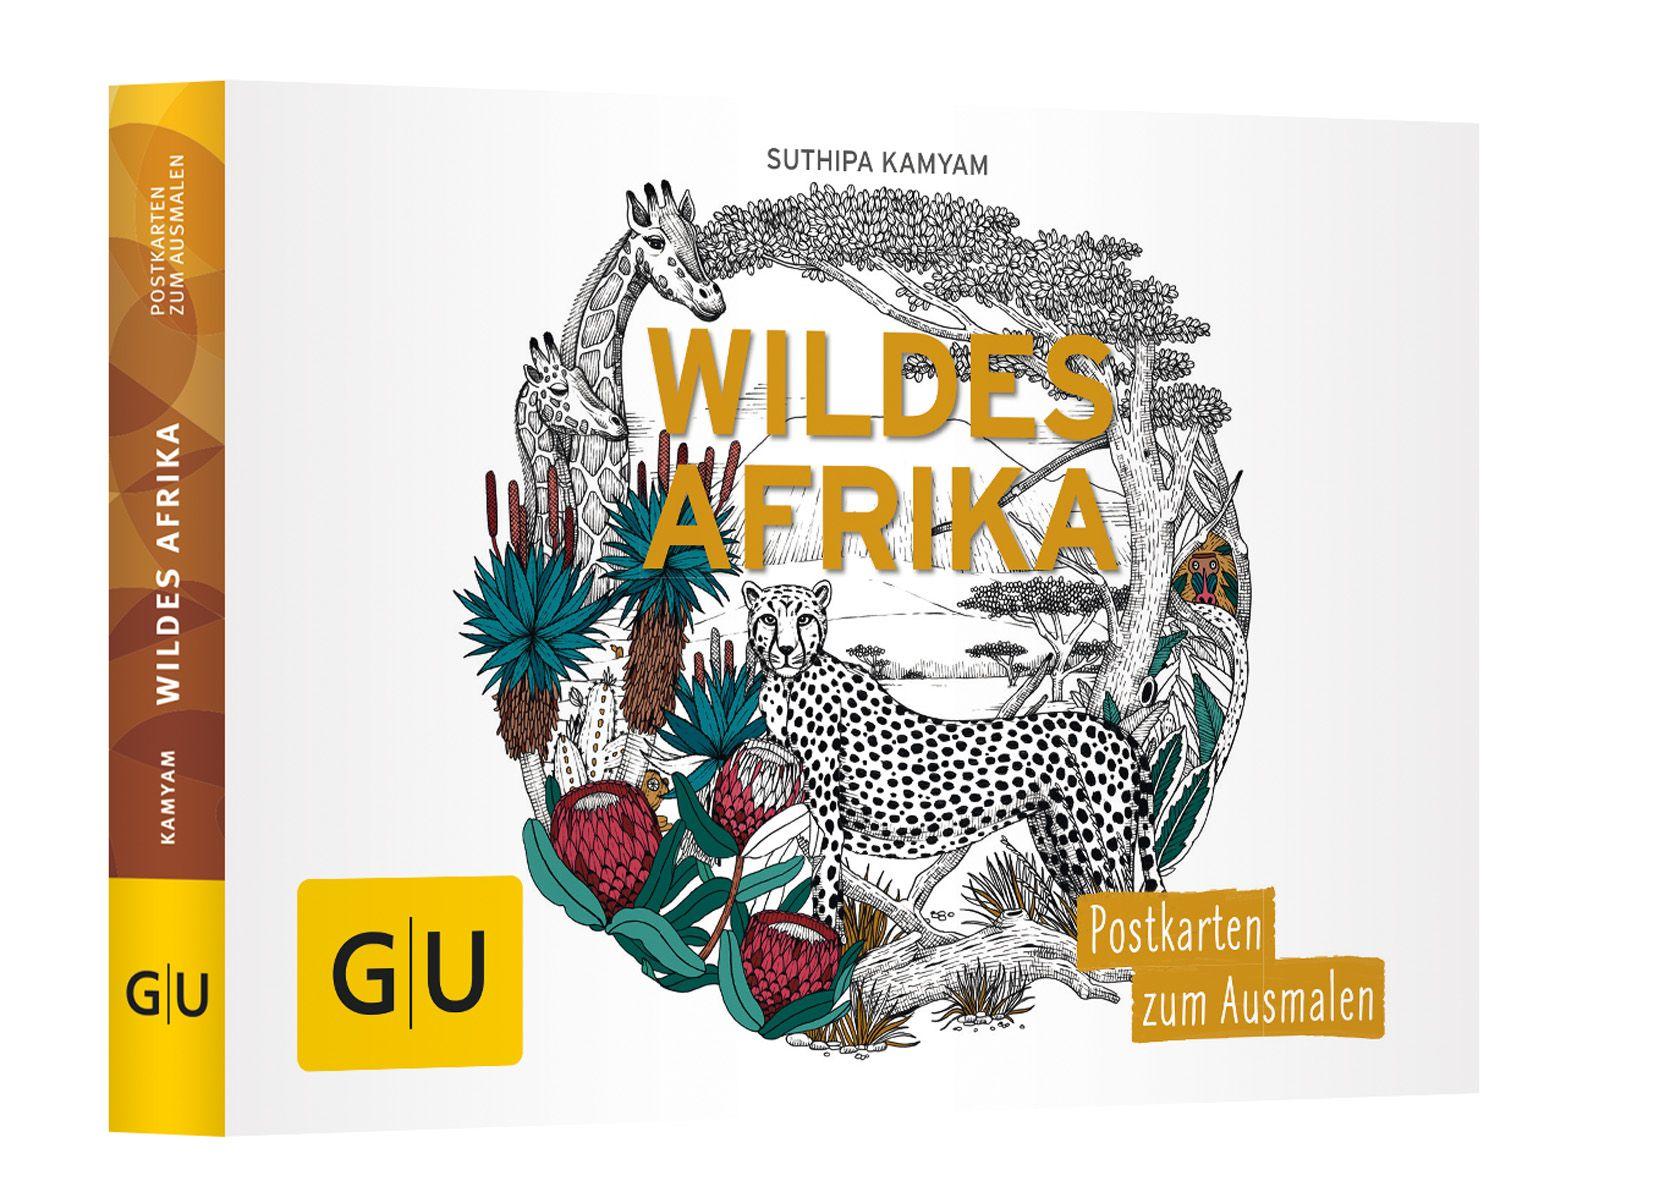 Wildes Afrika: Postkartenbuch zum Ausmalen von Kamyam, Suthipa: